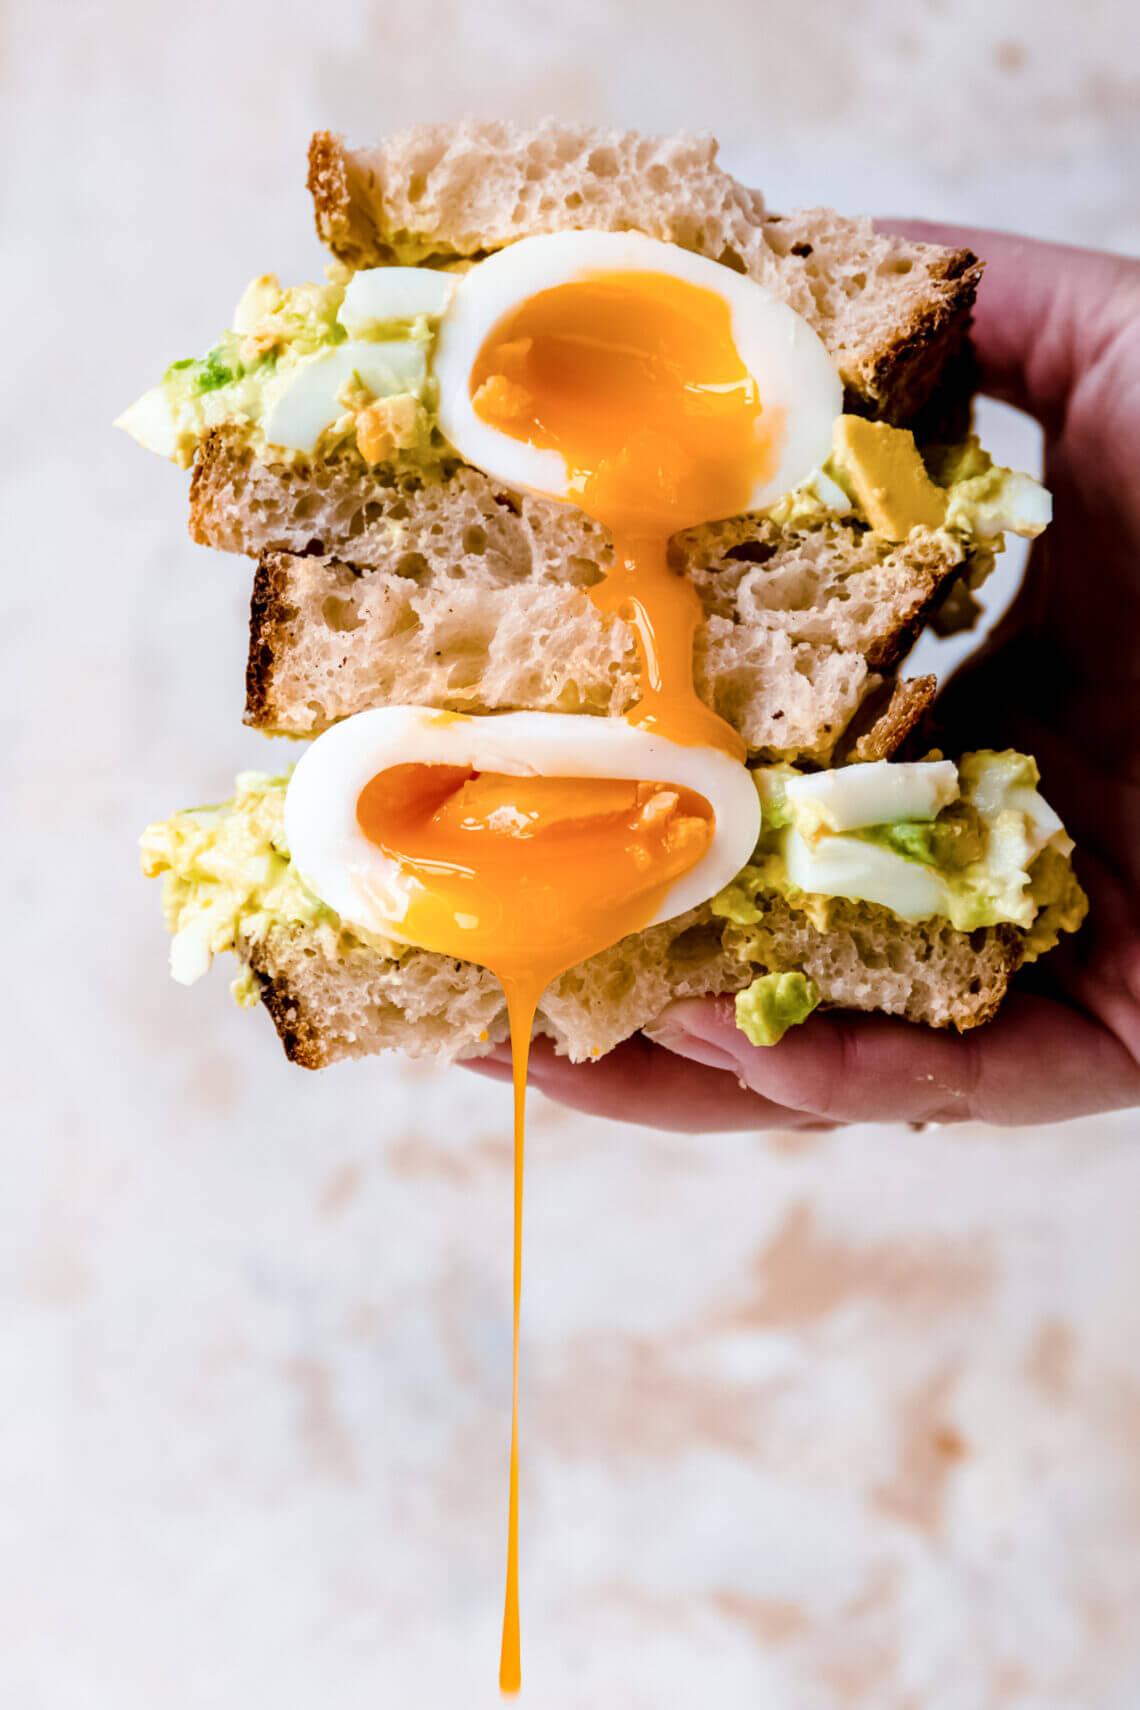 egg sando